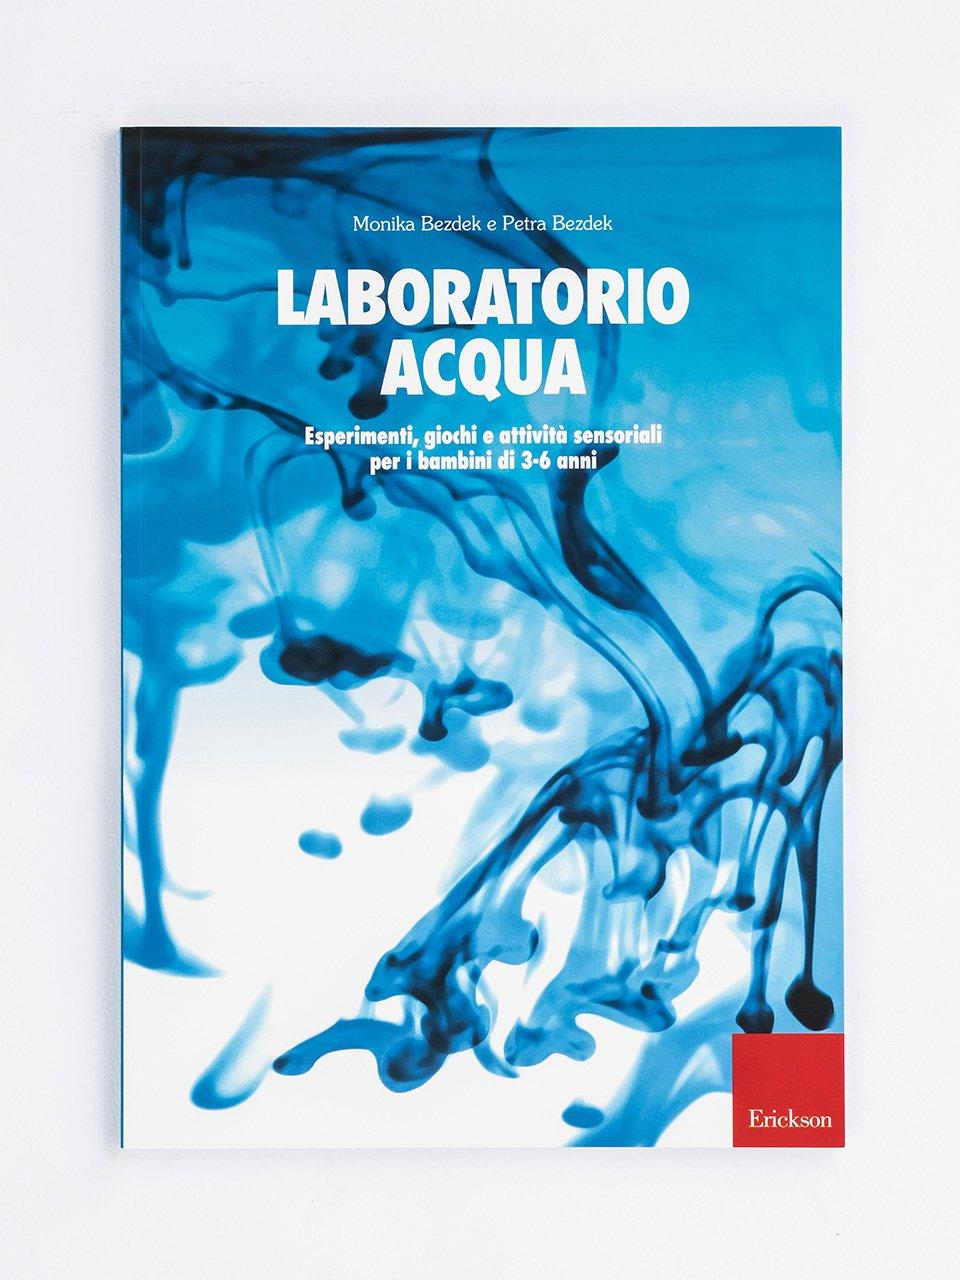 Laboratorio acqua - Il laboratorio dei materiali poveri - Libri - Erickson